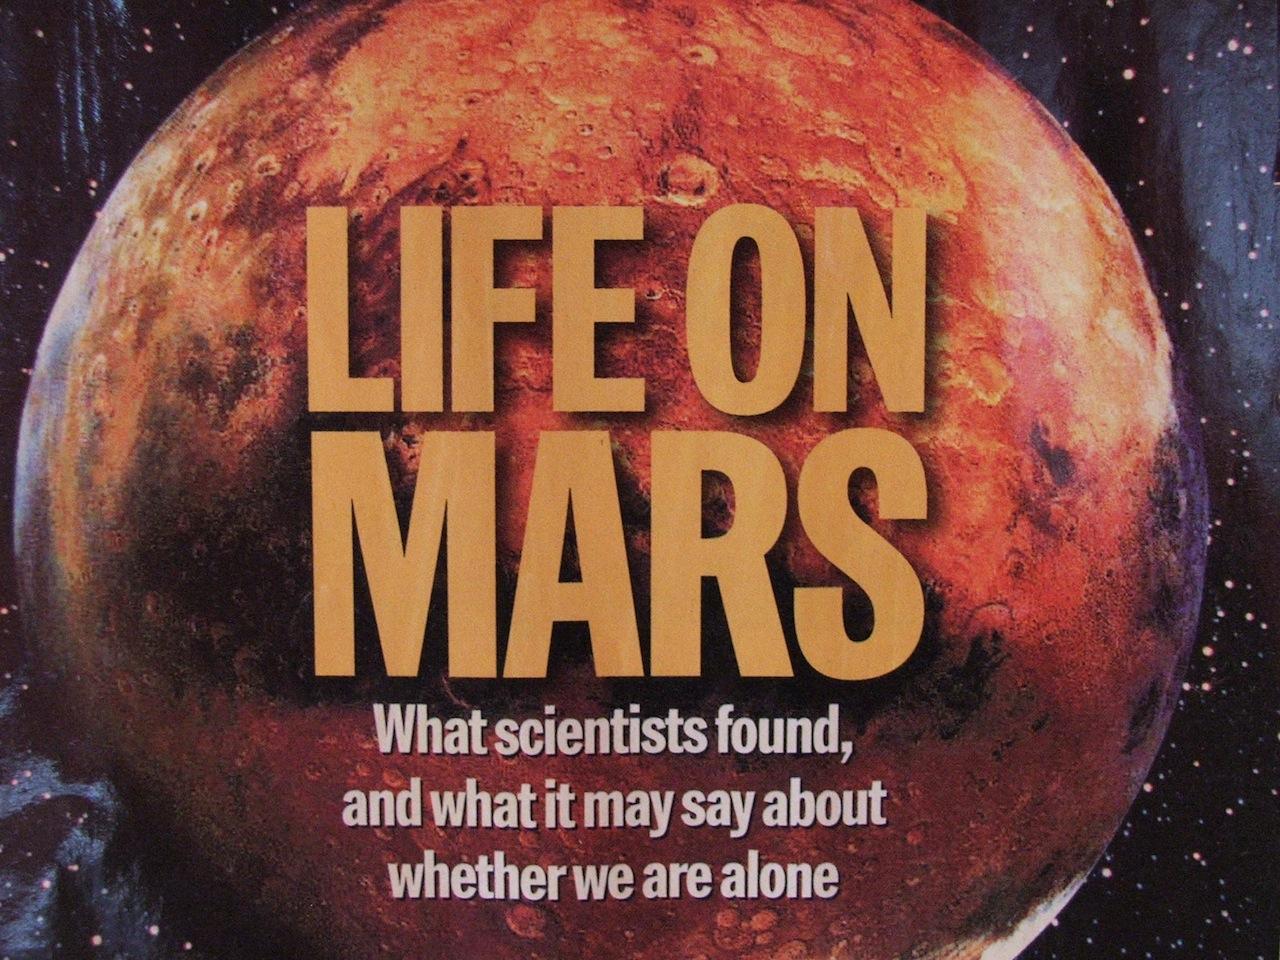 Portada de la revista Time del 19 de Agosto de 1996 (colección personal).